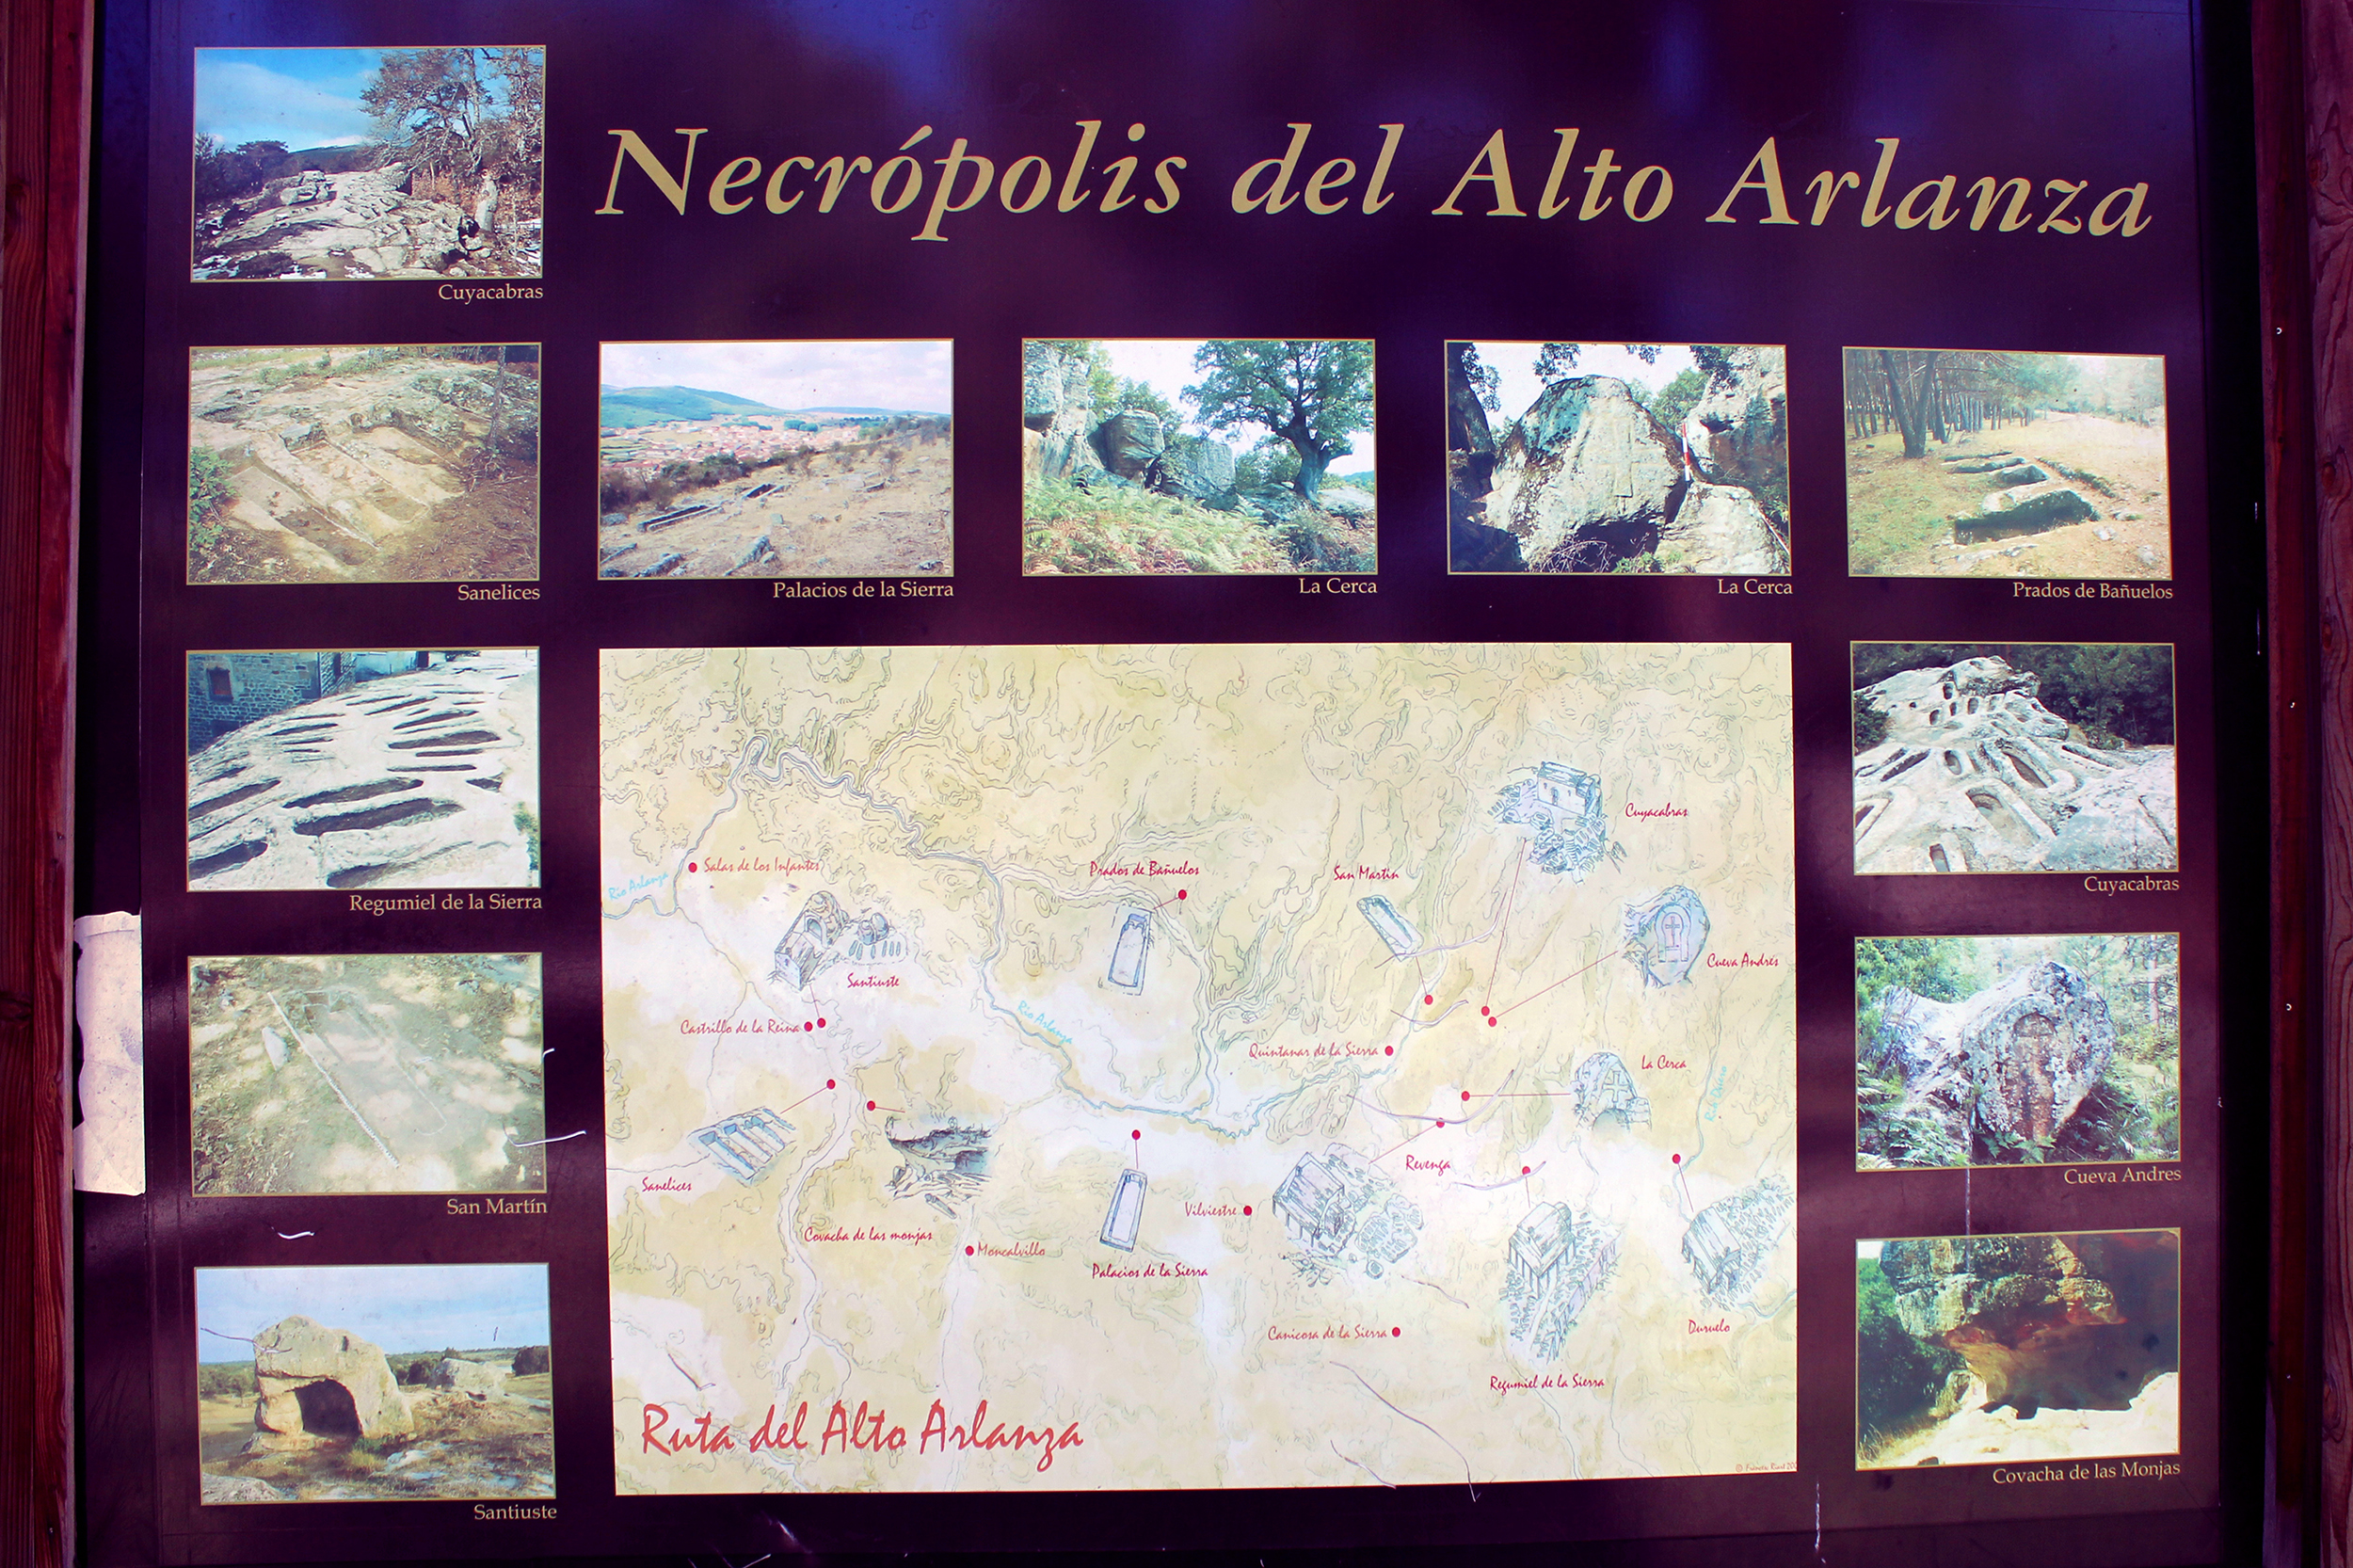 mapa necropolis del alto arlanza